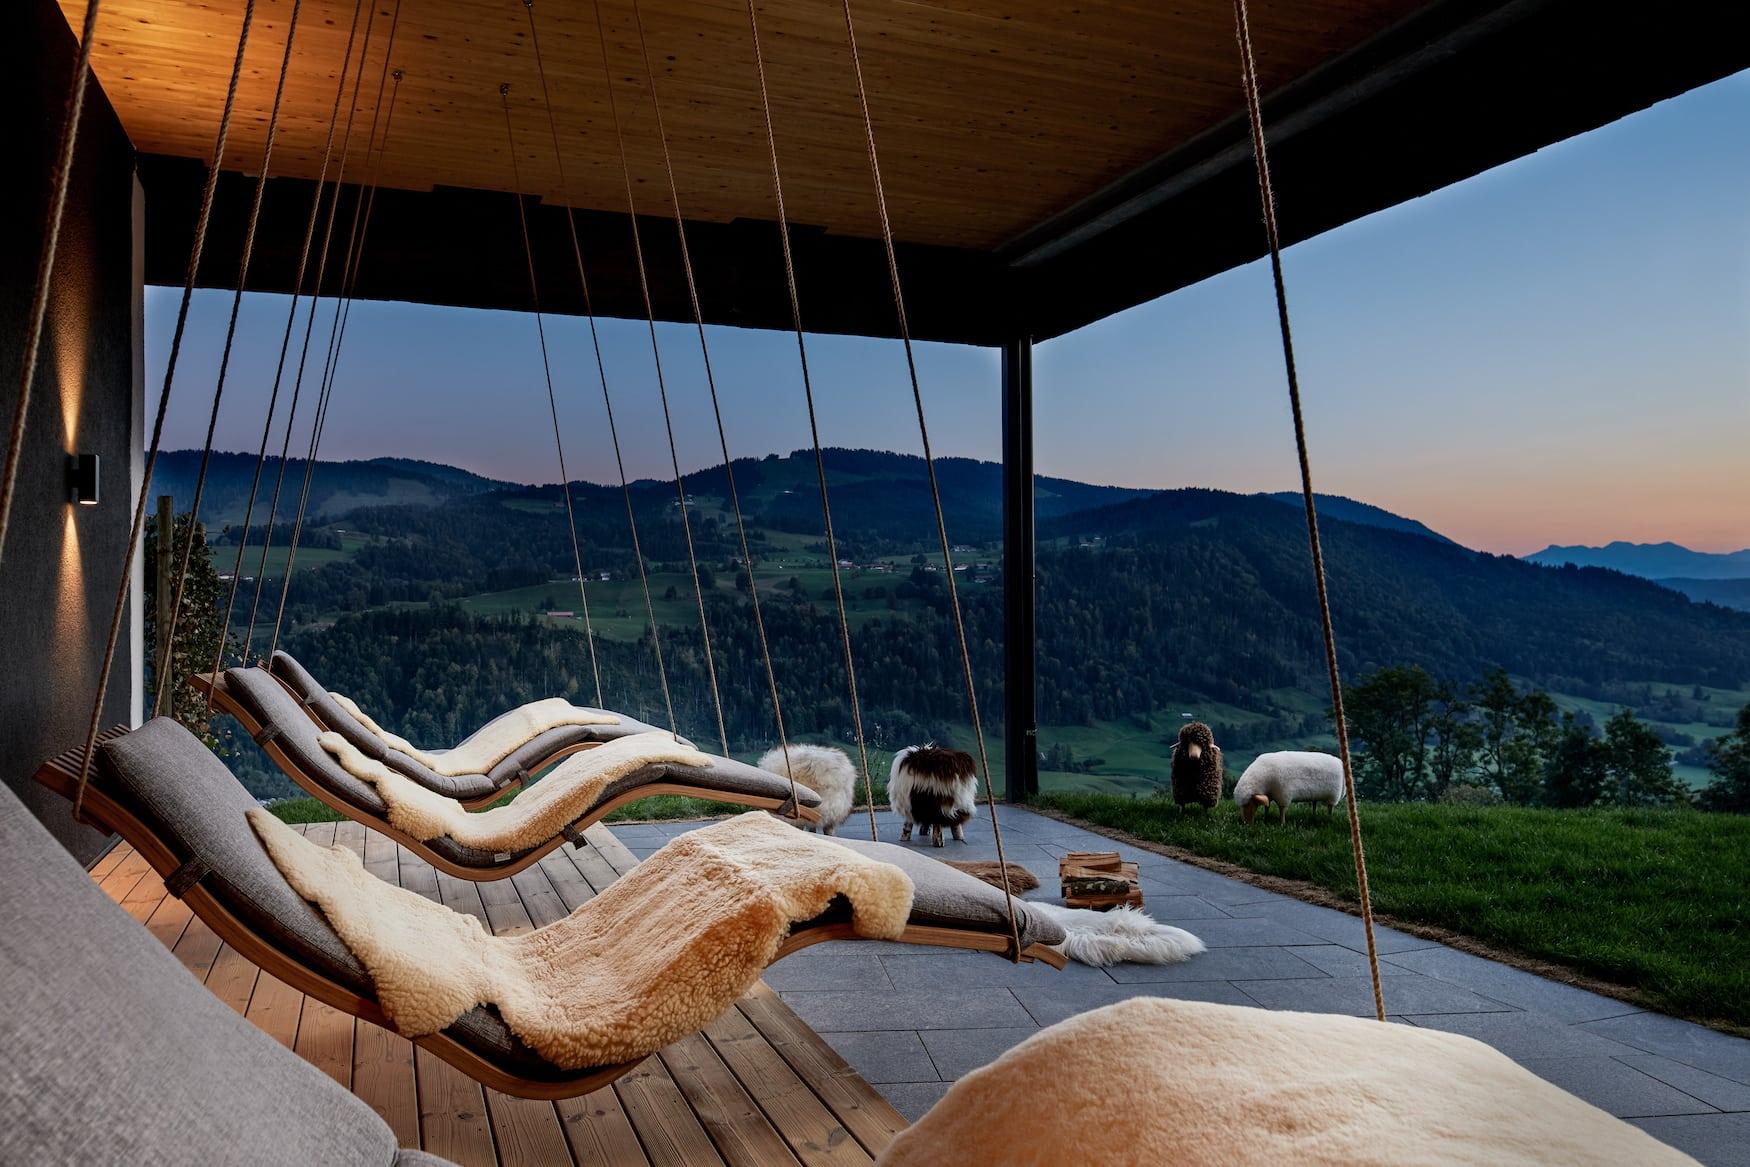 Outdoor-Linvingroom mit gemütlichen Liegen im Hotel Bergkristall bei Sonnenuntergang